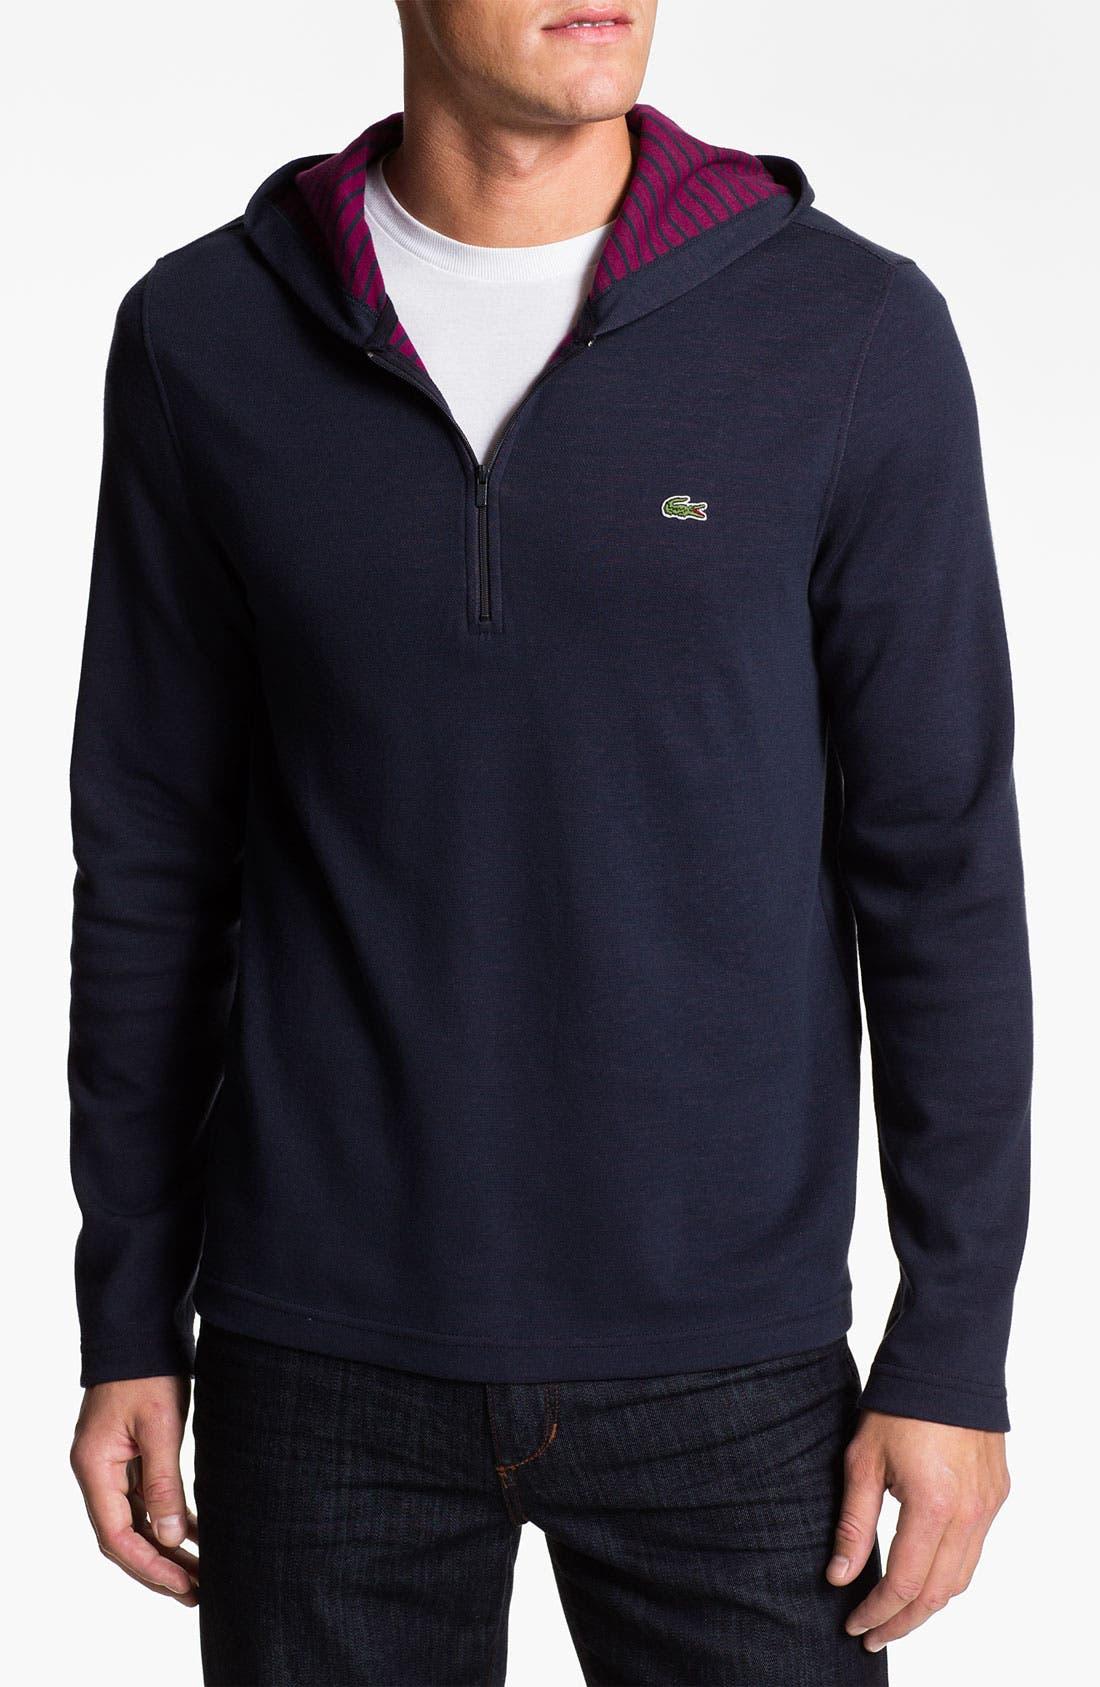 Alternate Image 1 Selected - Lacoste Slim Fit Zip Hoodie